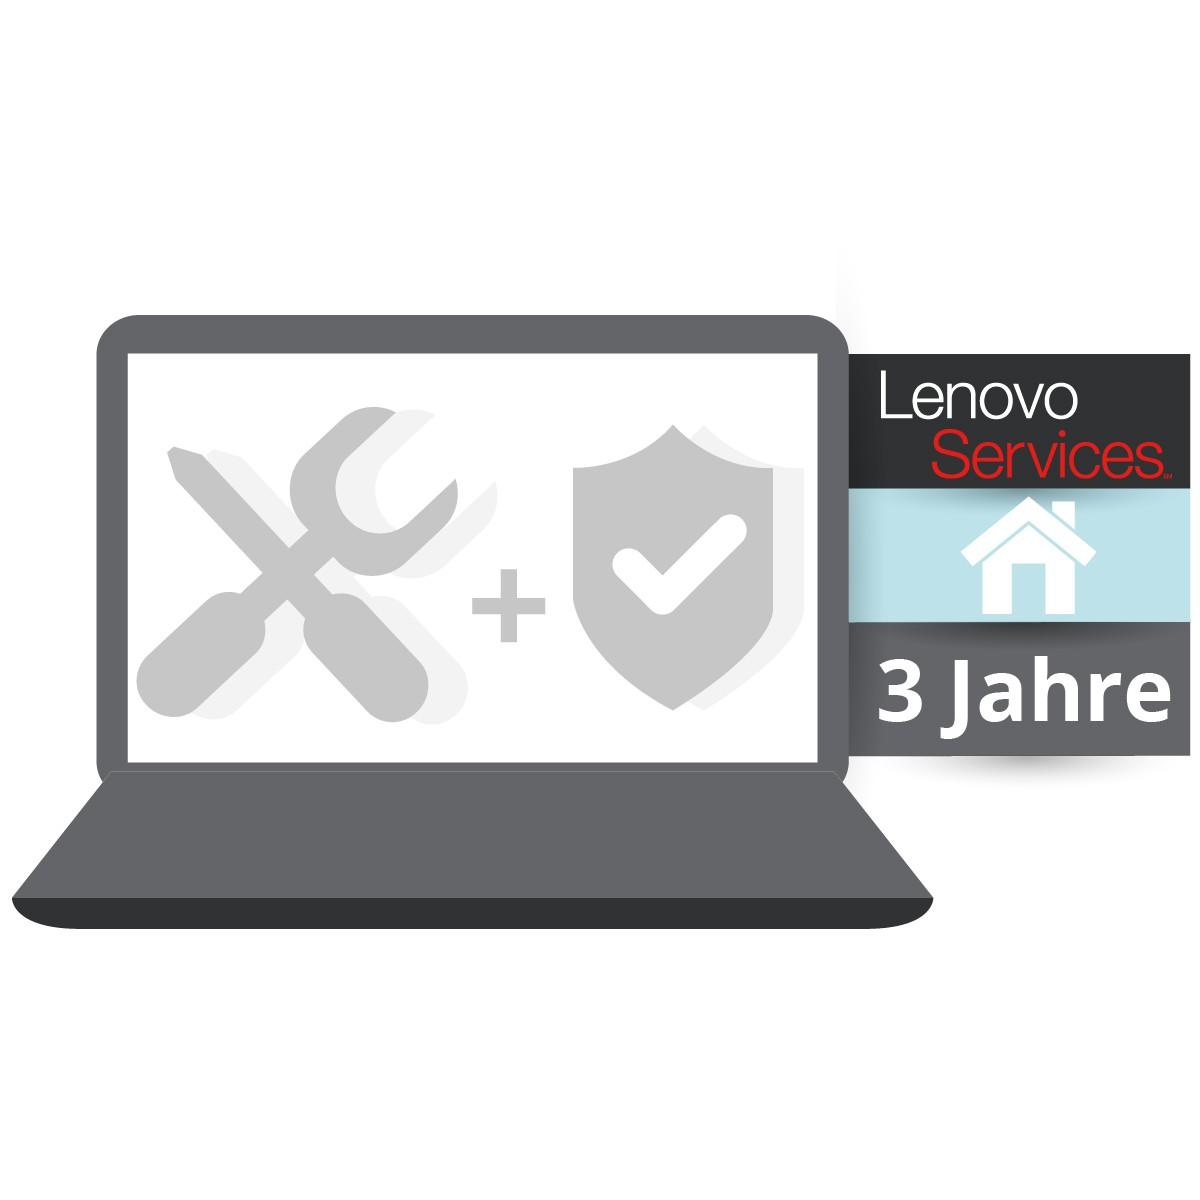 (EOL) Lenovo™ ThinkPlus® 3 Jahre Vor-Ort-Service (NBD) + Unfallschutz (Basisgarantie 3 Jahre Vor-Ort